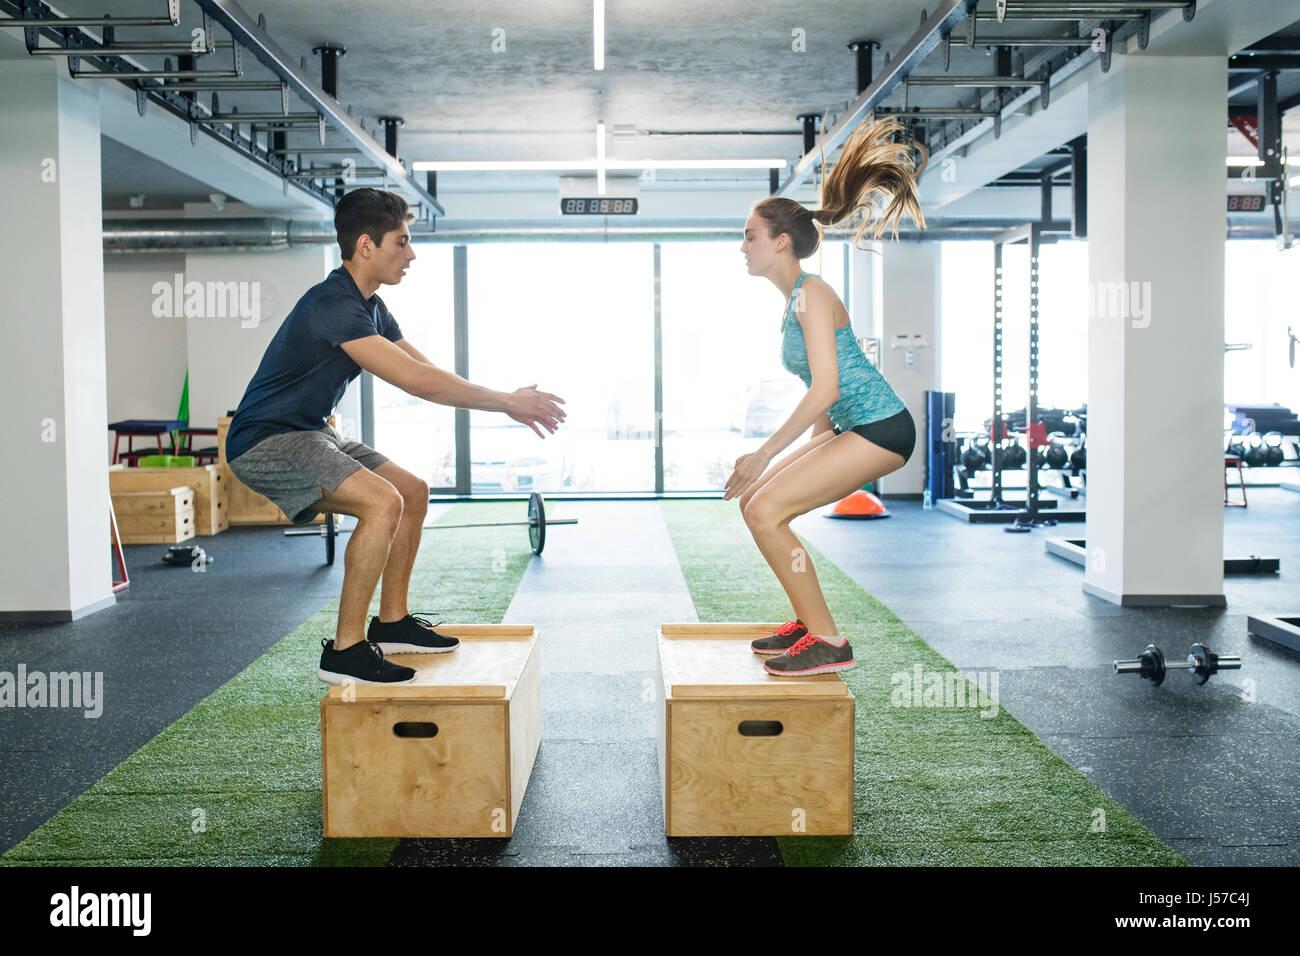 Jeune couple fit l'exercice dans la salle de sport, faisant fort sauts. Photo Stock